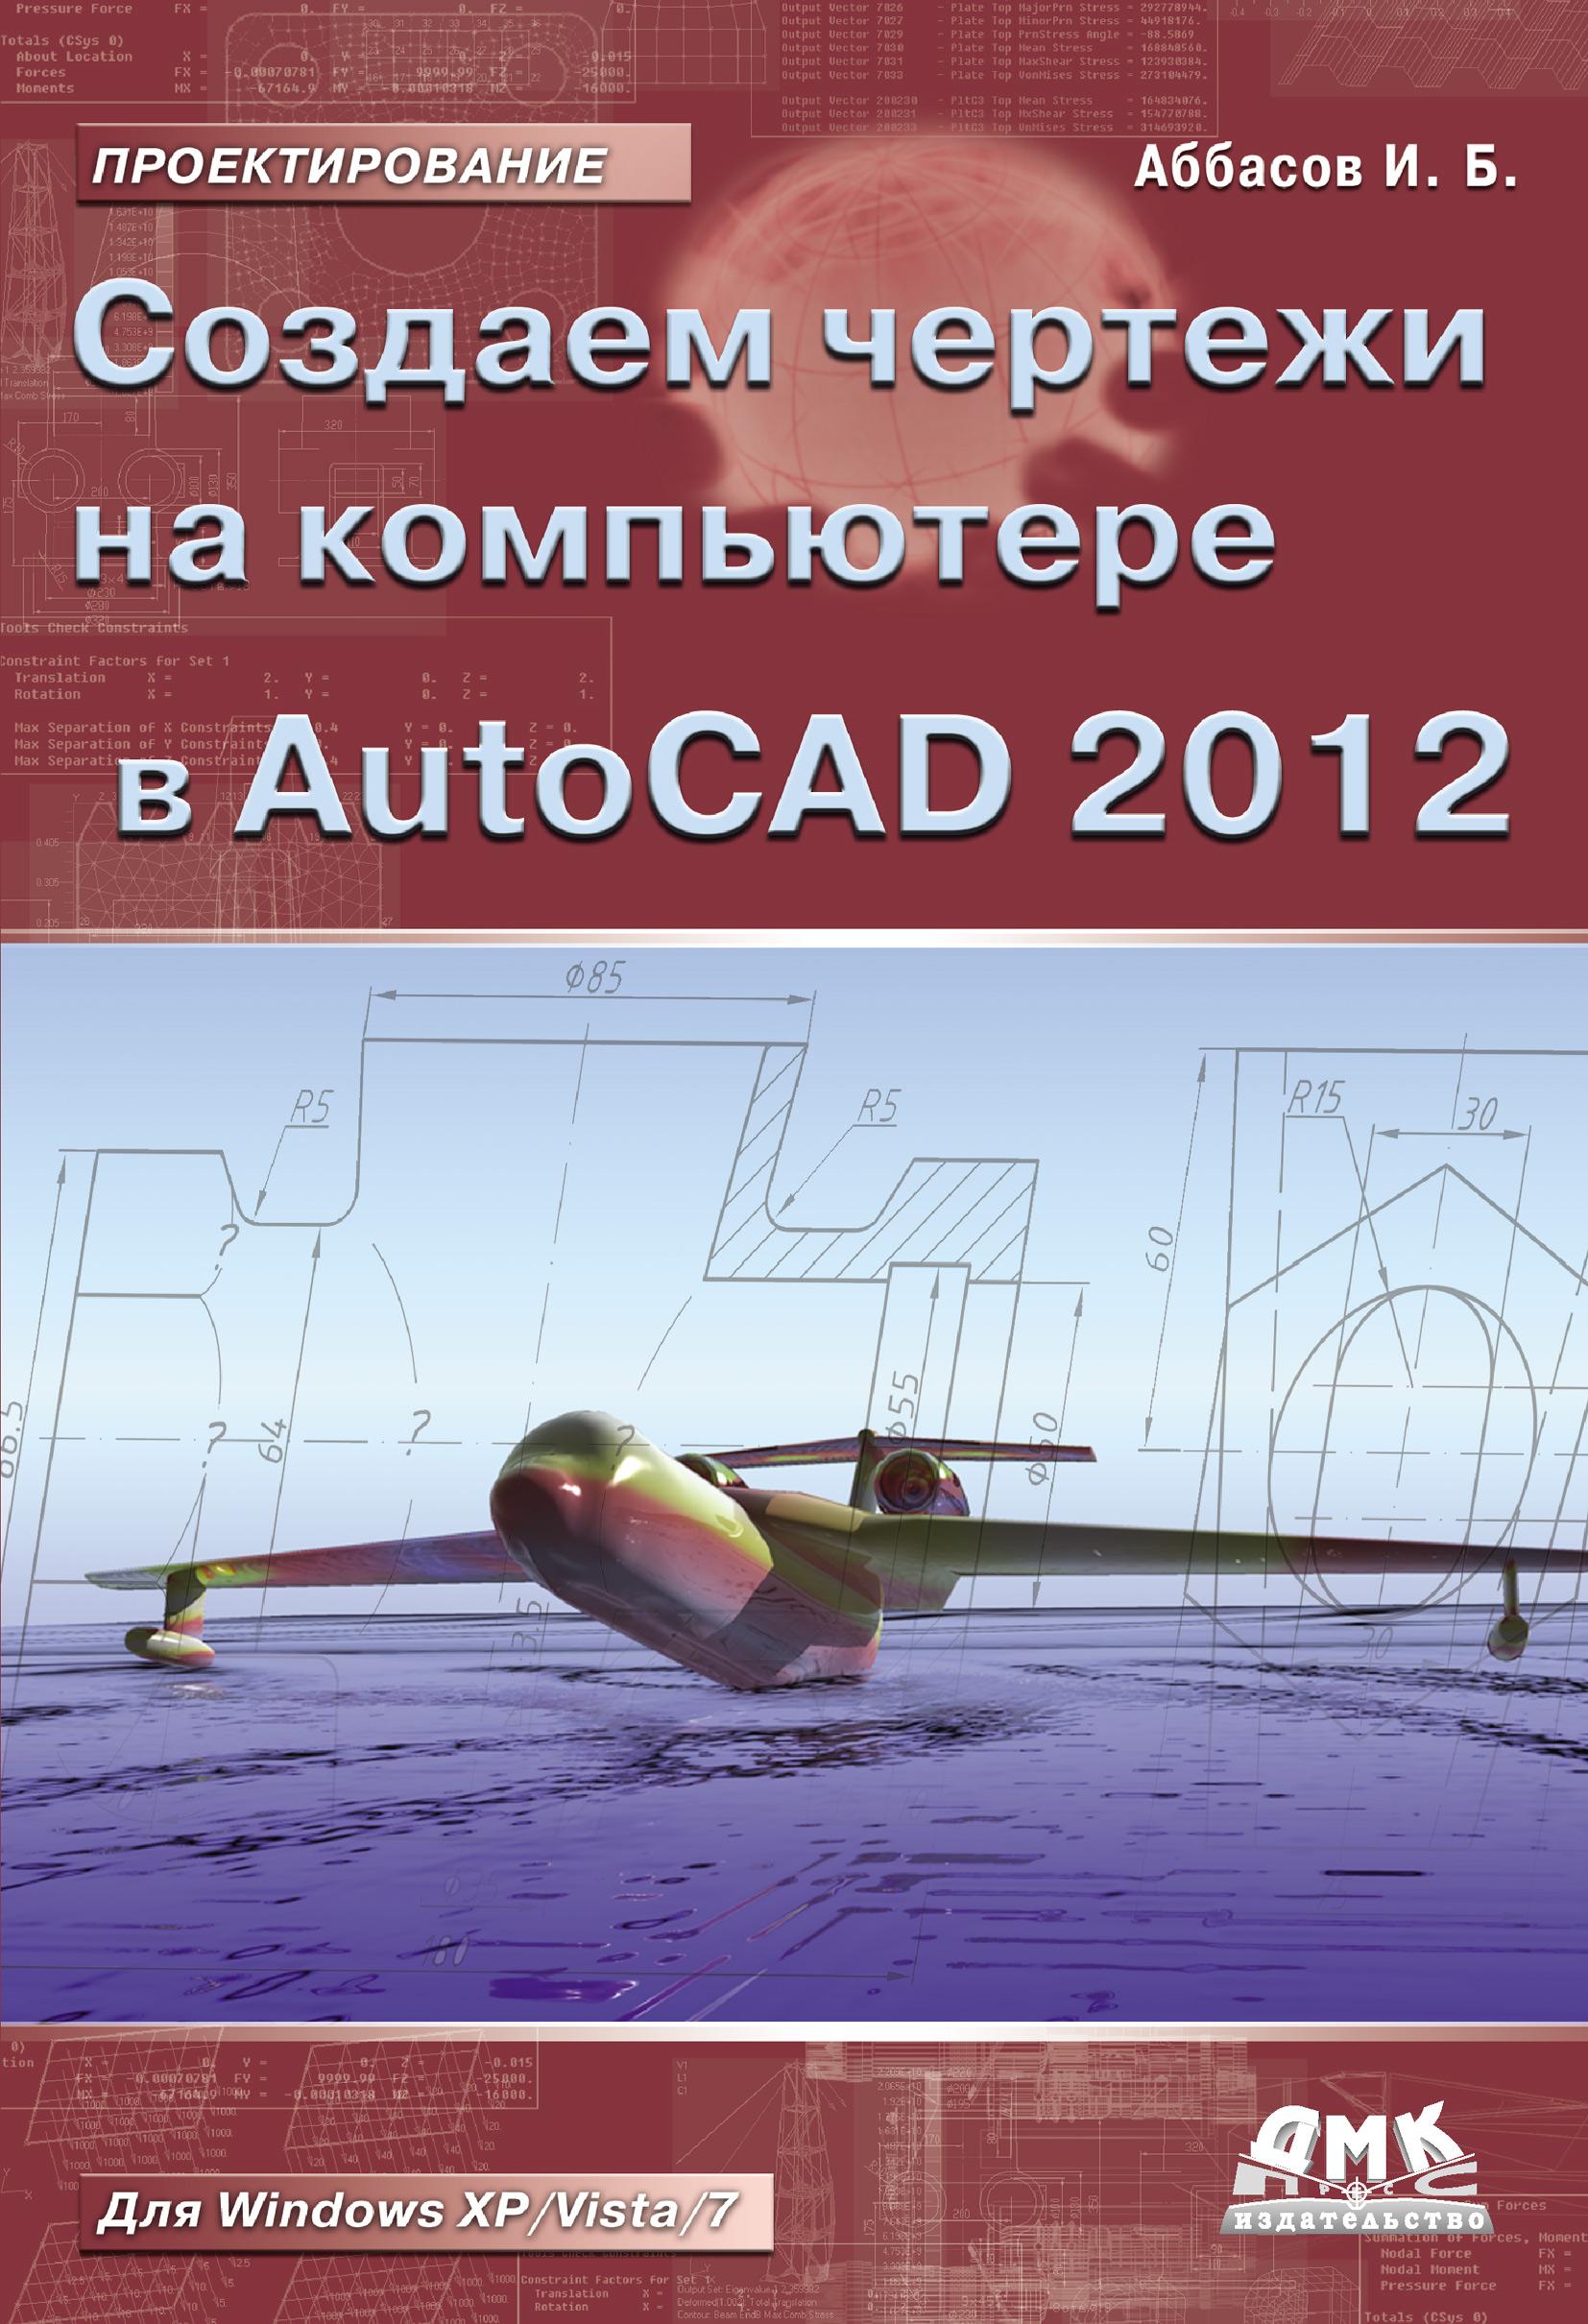 И. Б. Аббасов Создаем чертежи на компьютере в AutoCAD 2012 и б аббасов создаем чертежи на компьютере в autocad 2012